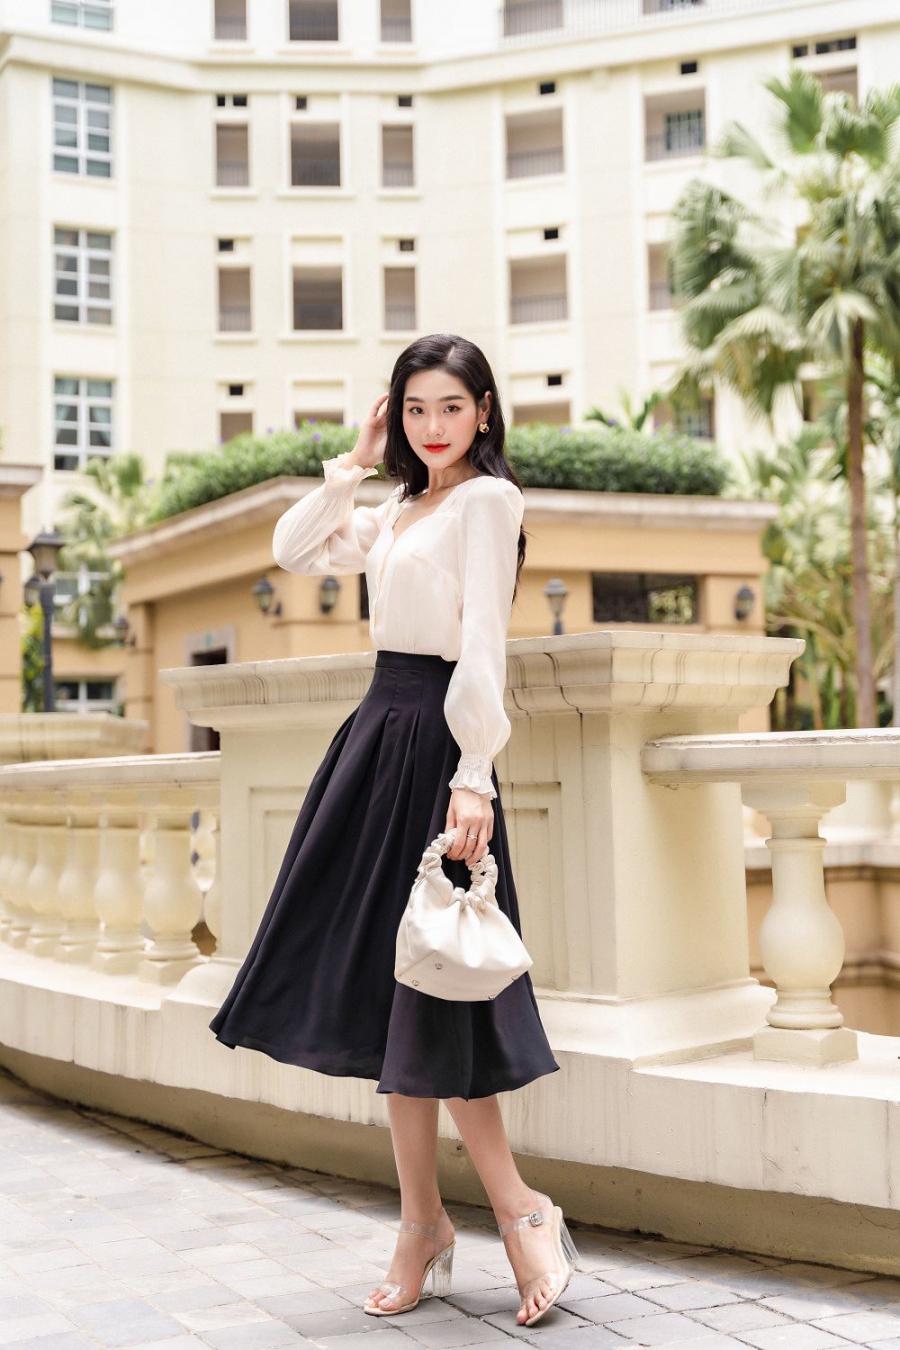 3 cách chọn outfit đơn giản nhưng sành điệu dành cho các nàng công sở